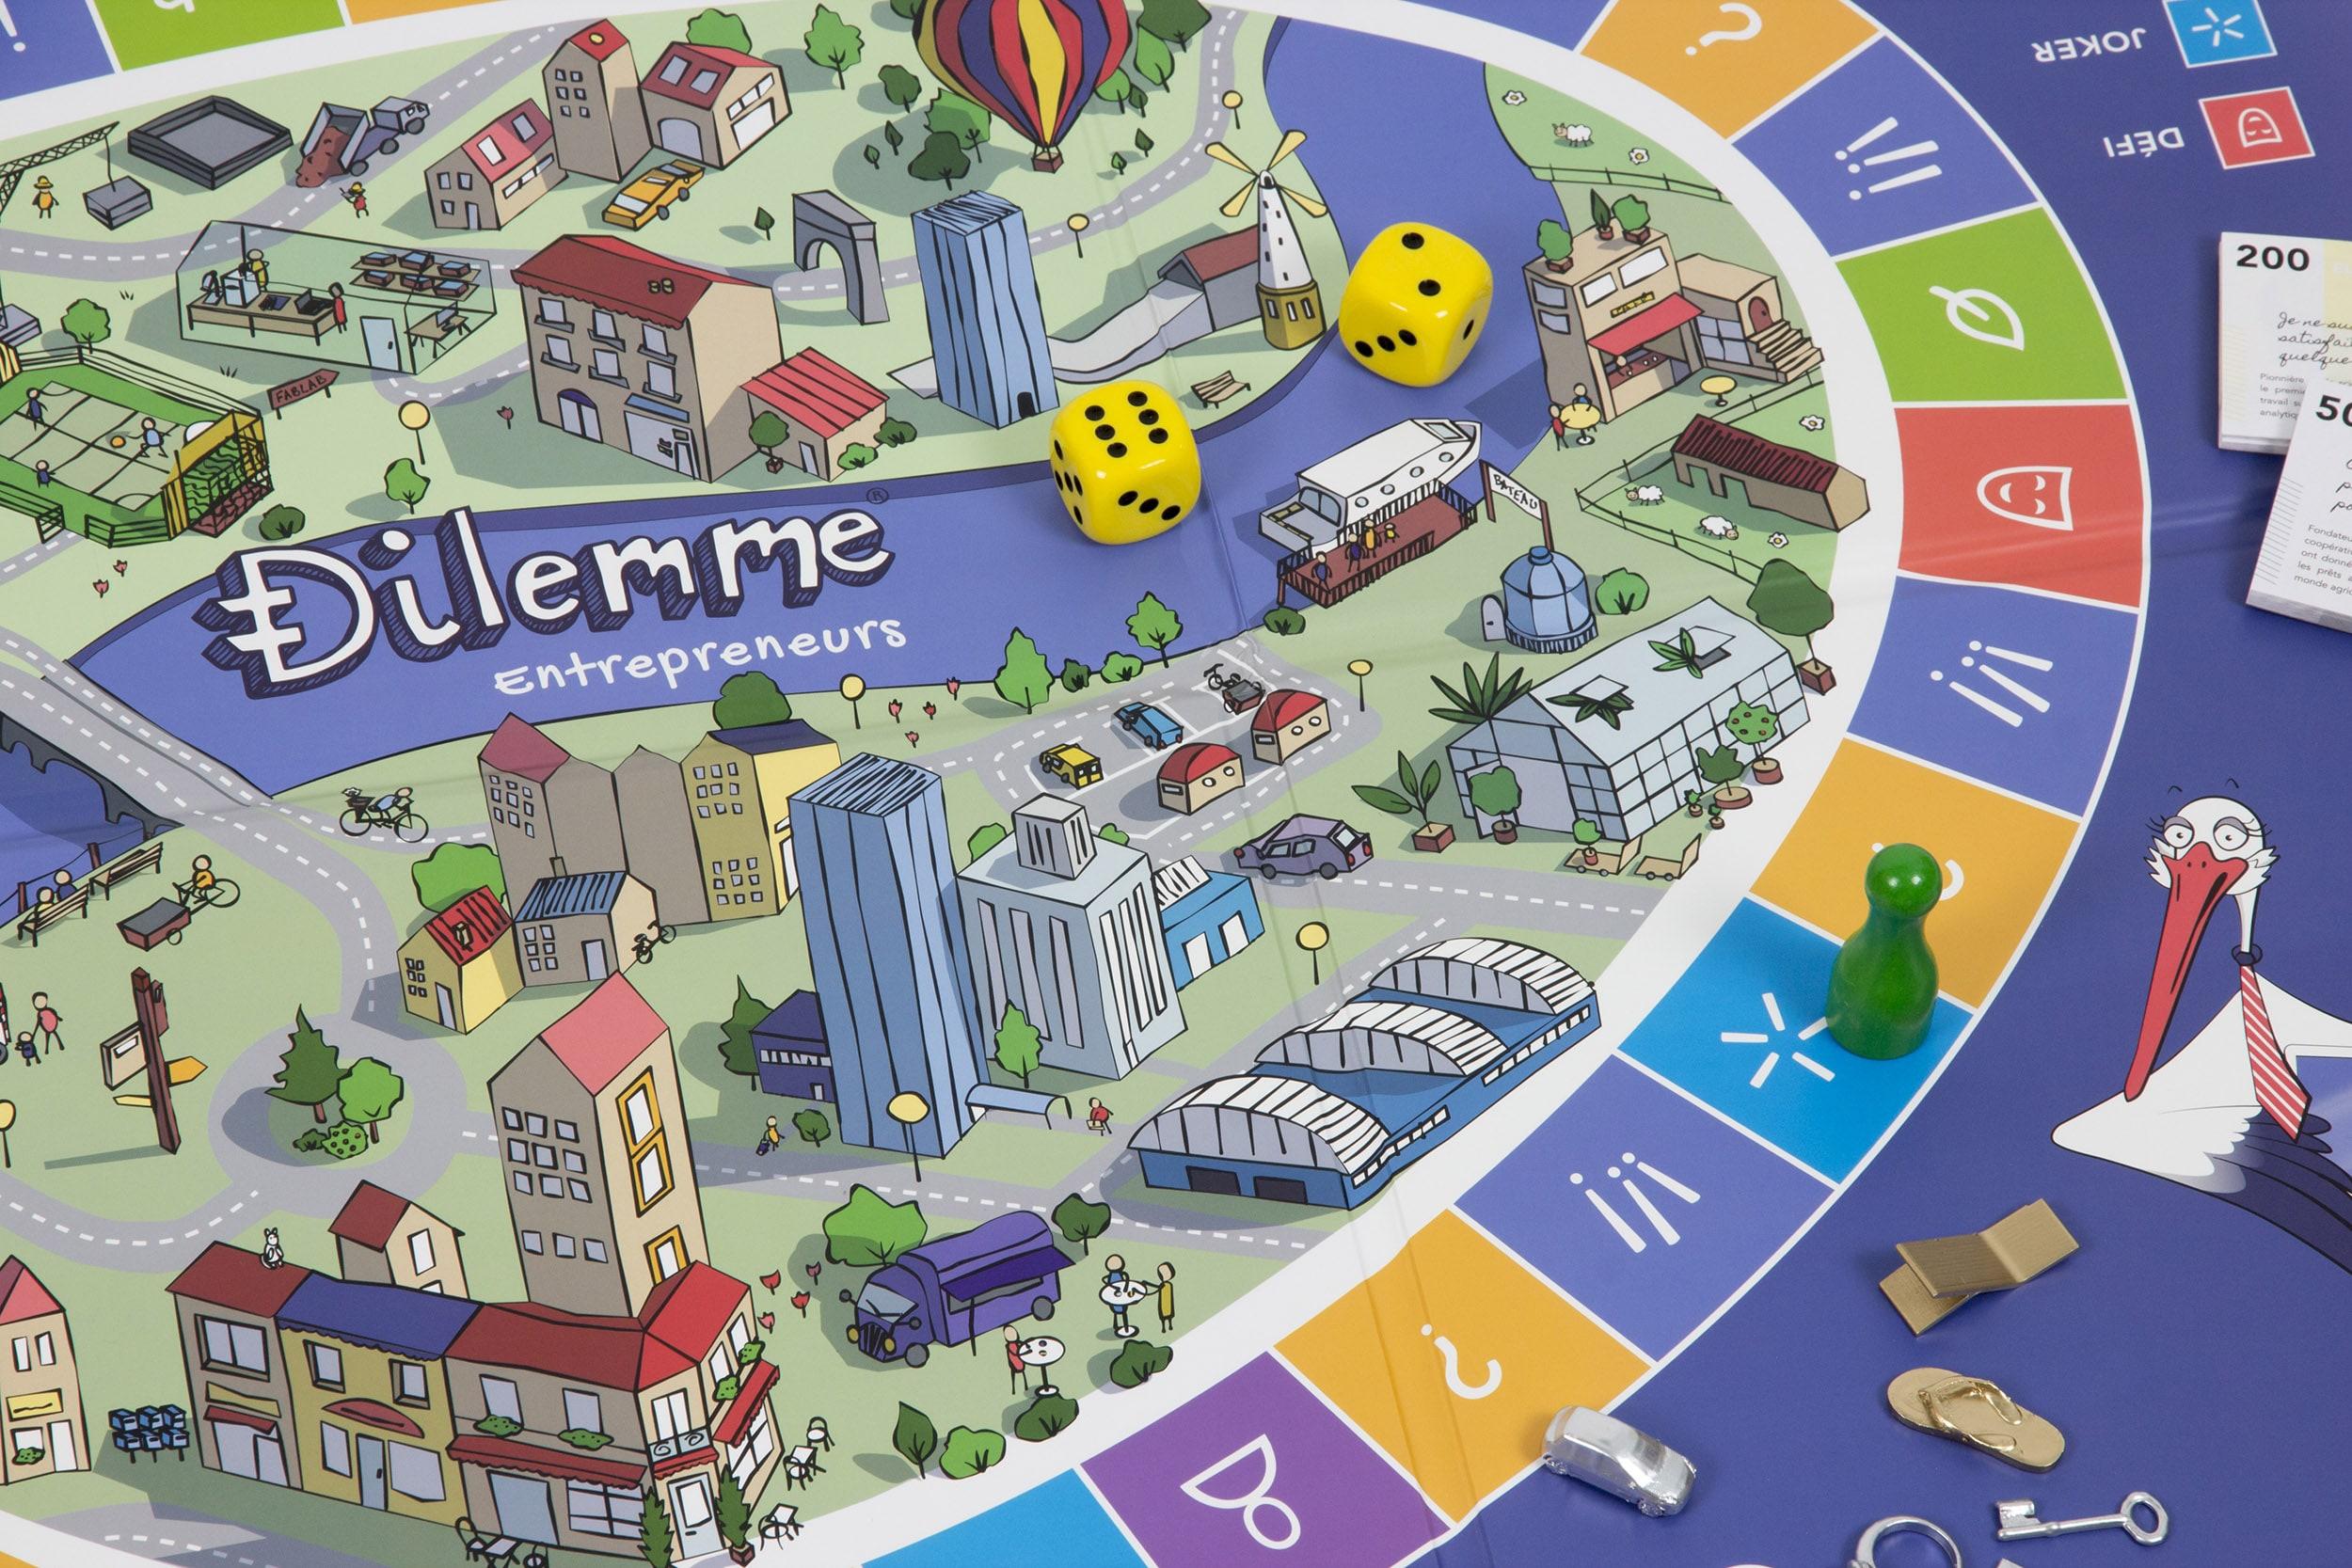 Gros plan sur le plateau du jeu de société Dilemme, avec zoom sur les illustrations, les pions, les dés